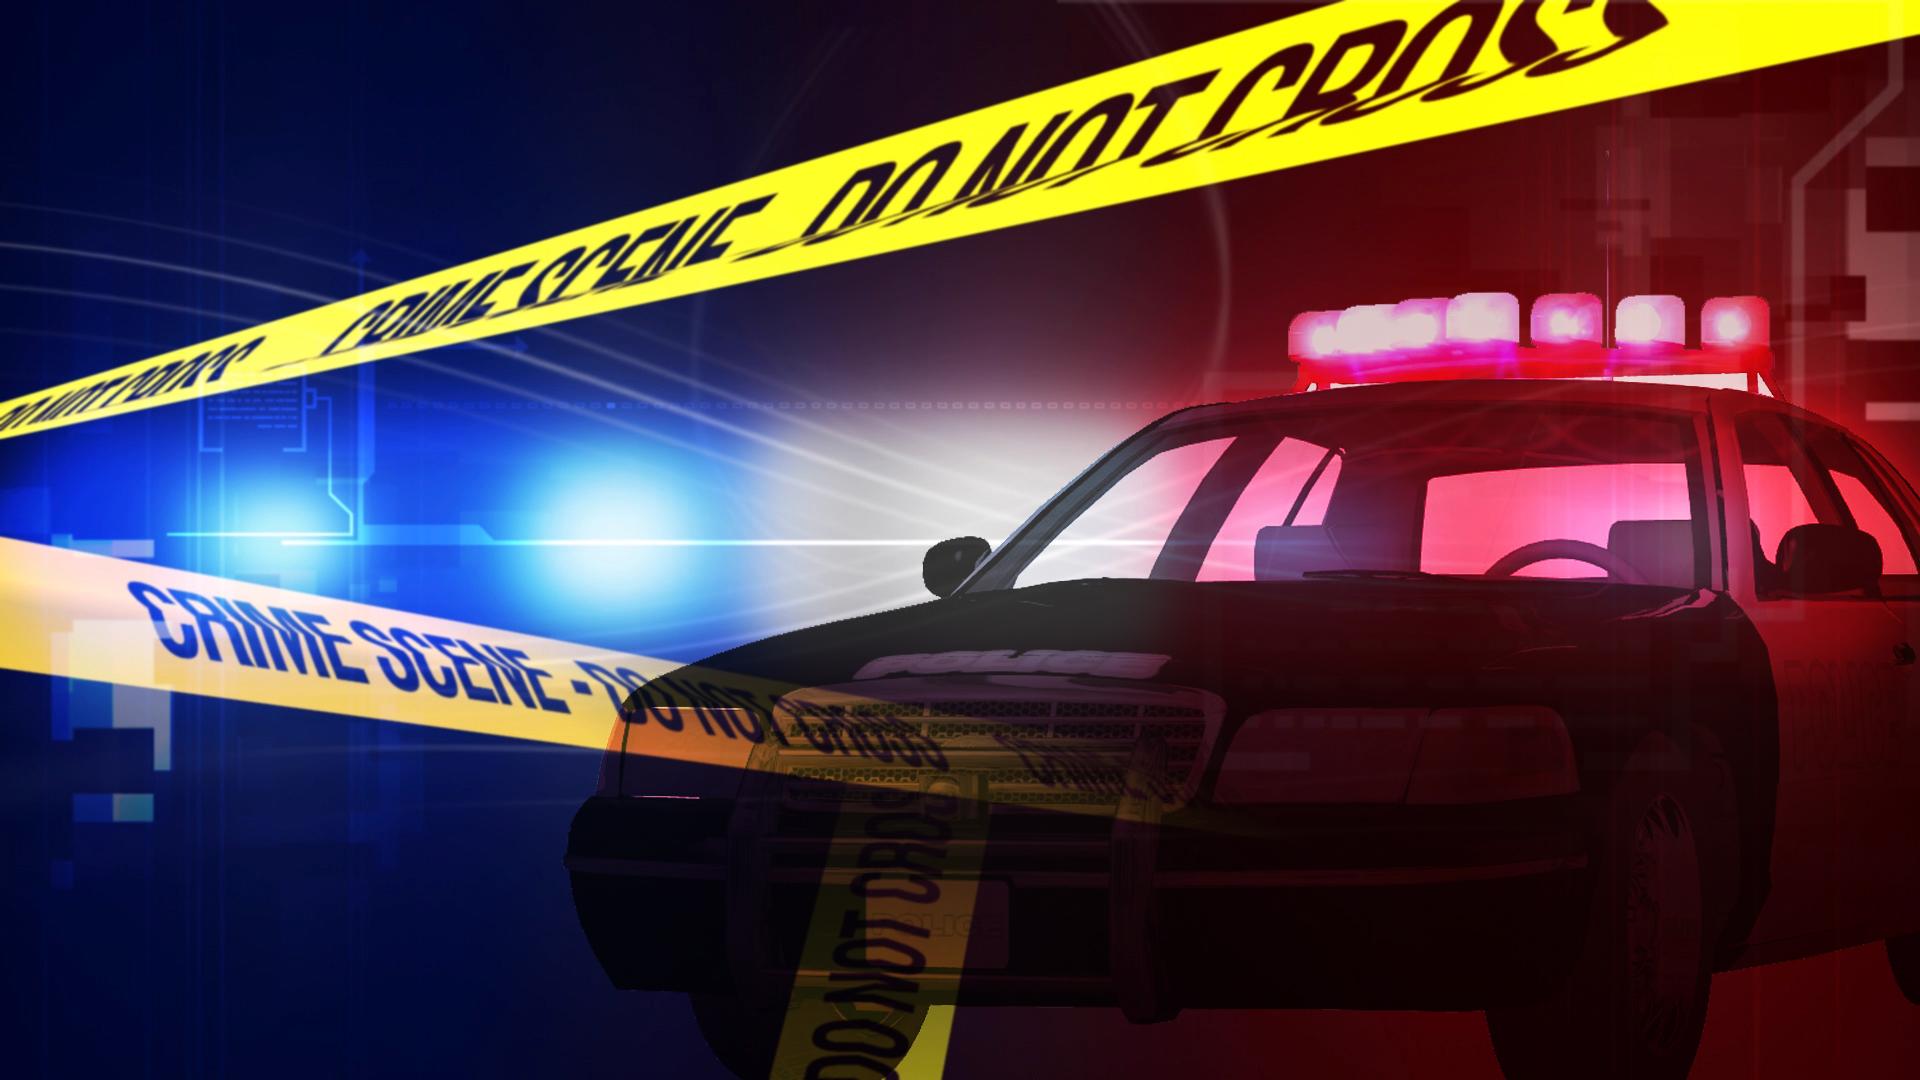 Police Car tape for crimes_1560451205707.jpg.jpg